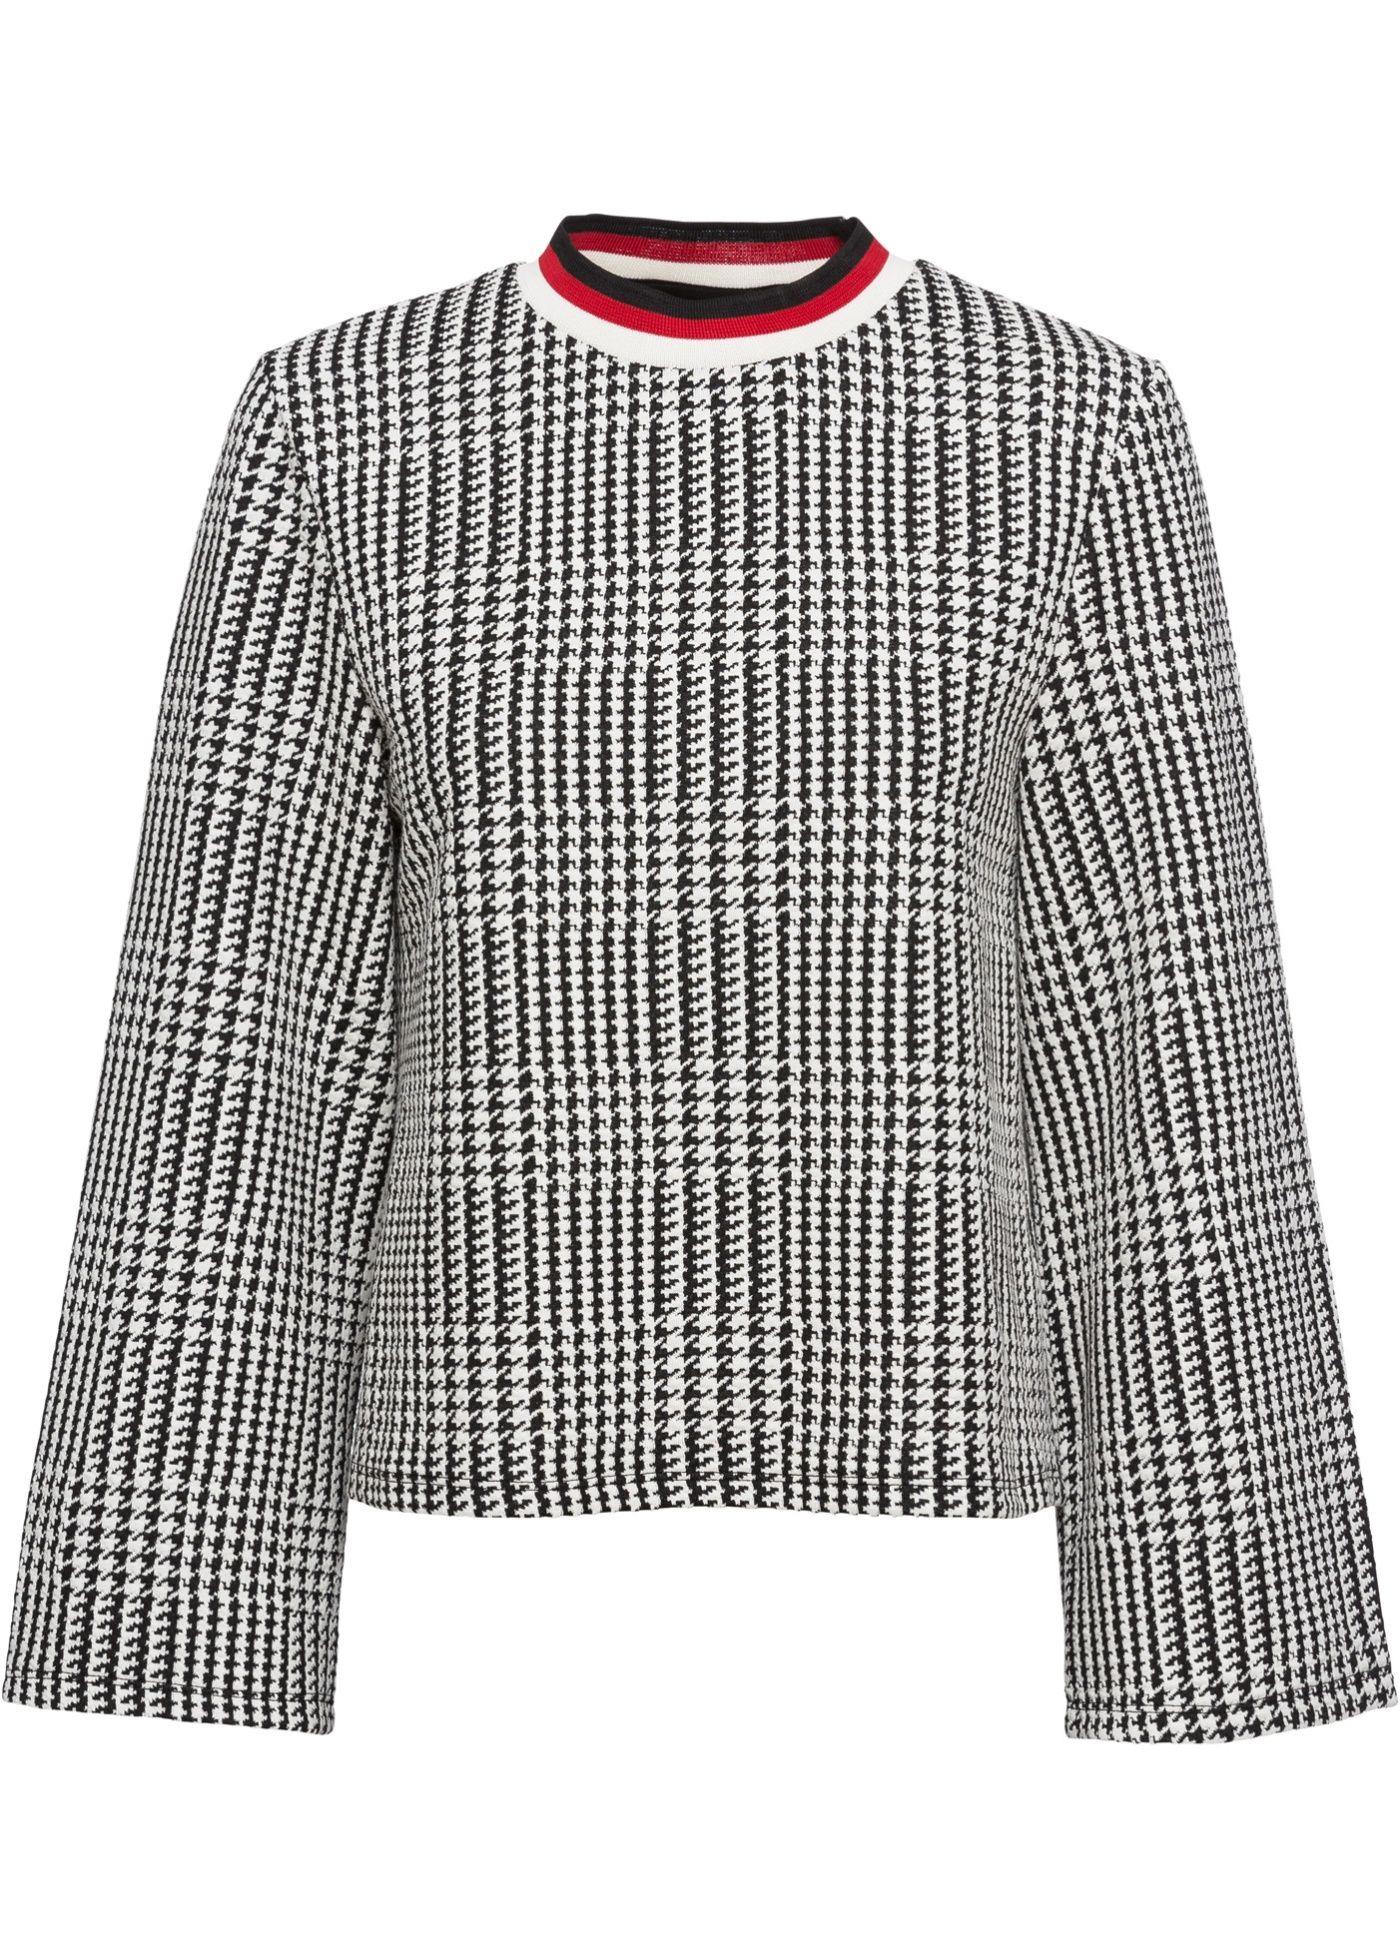 Im Trendy Design Und Mit Einem Tollen Karomuster Prasentiert Sich Dieser Stylishe Kurzpullover Der Coole Pullover Begei Coole Pullover Kurze Pullover Pullover